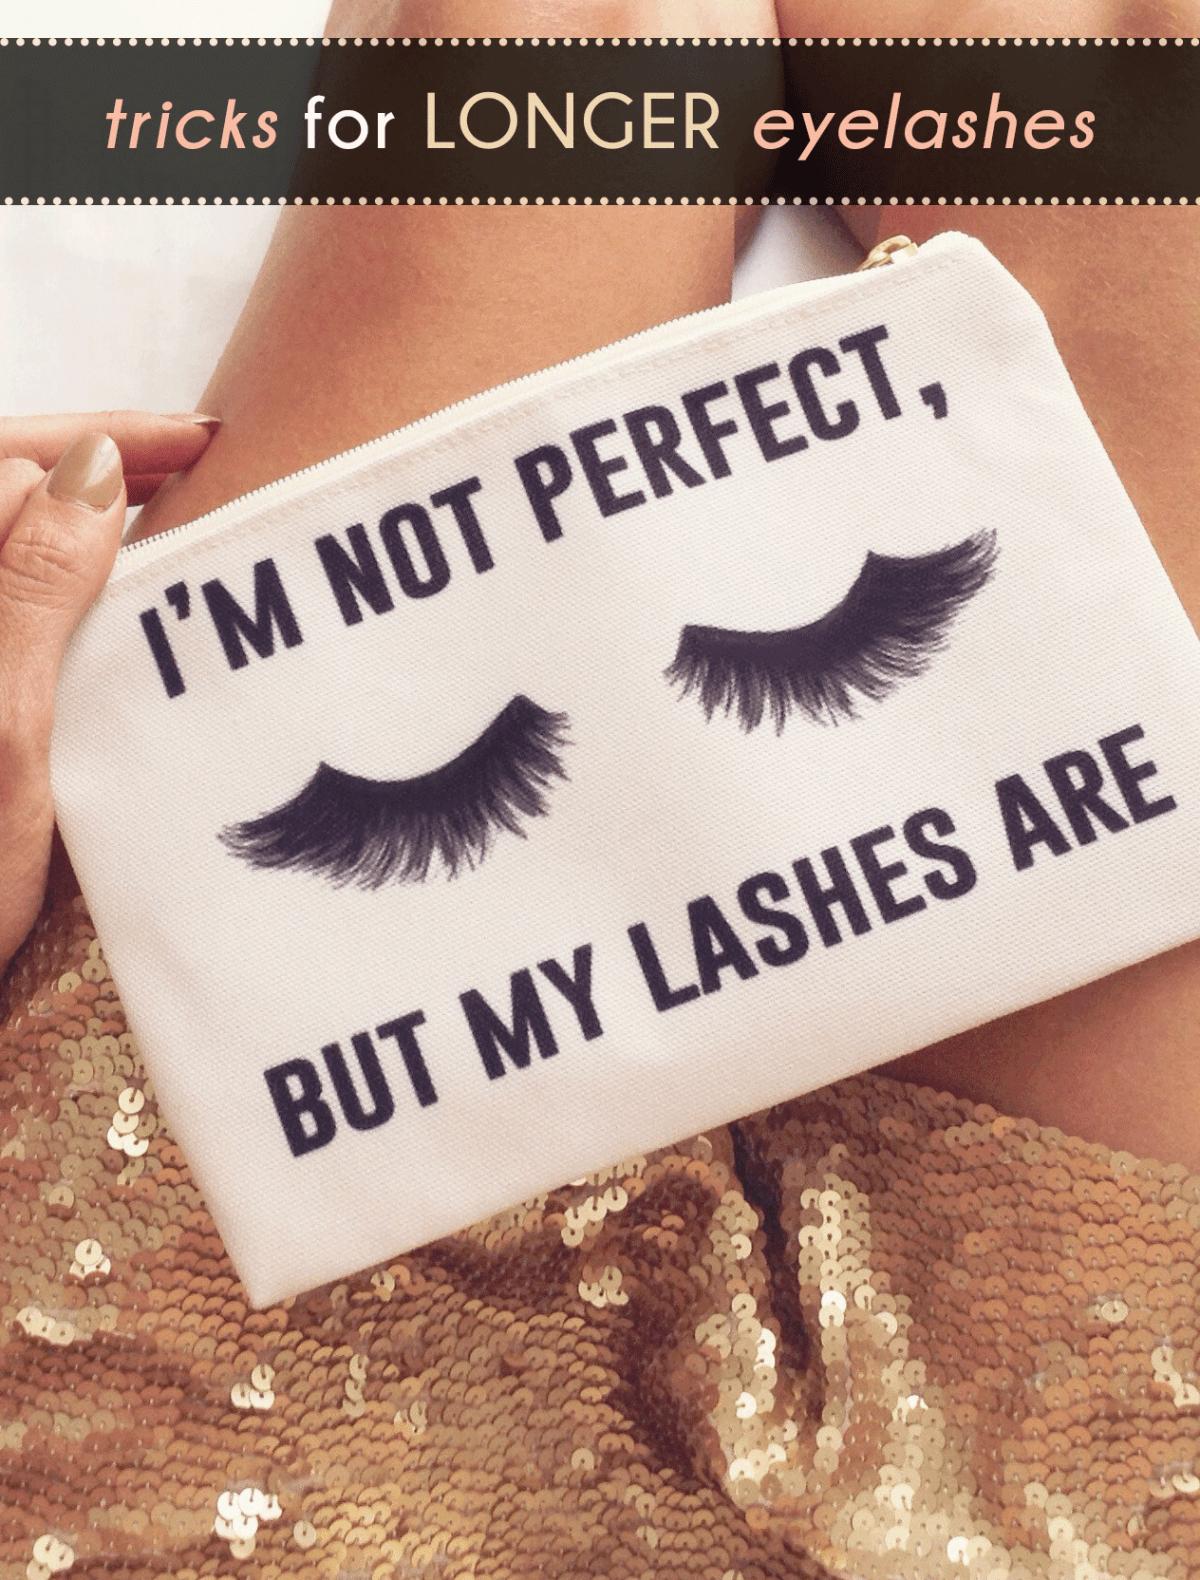 c1504c5a0d7 8 Tricks for Longer Eyelashes | Mary | Longer eyelashes, Eyelashes y ...